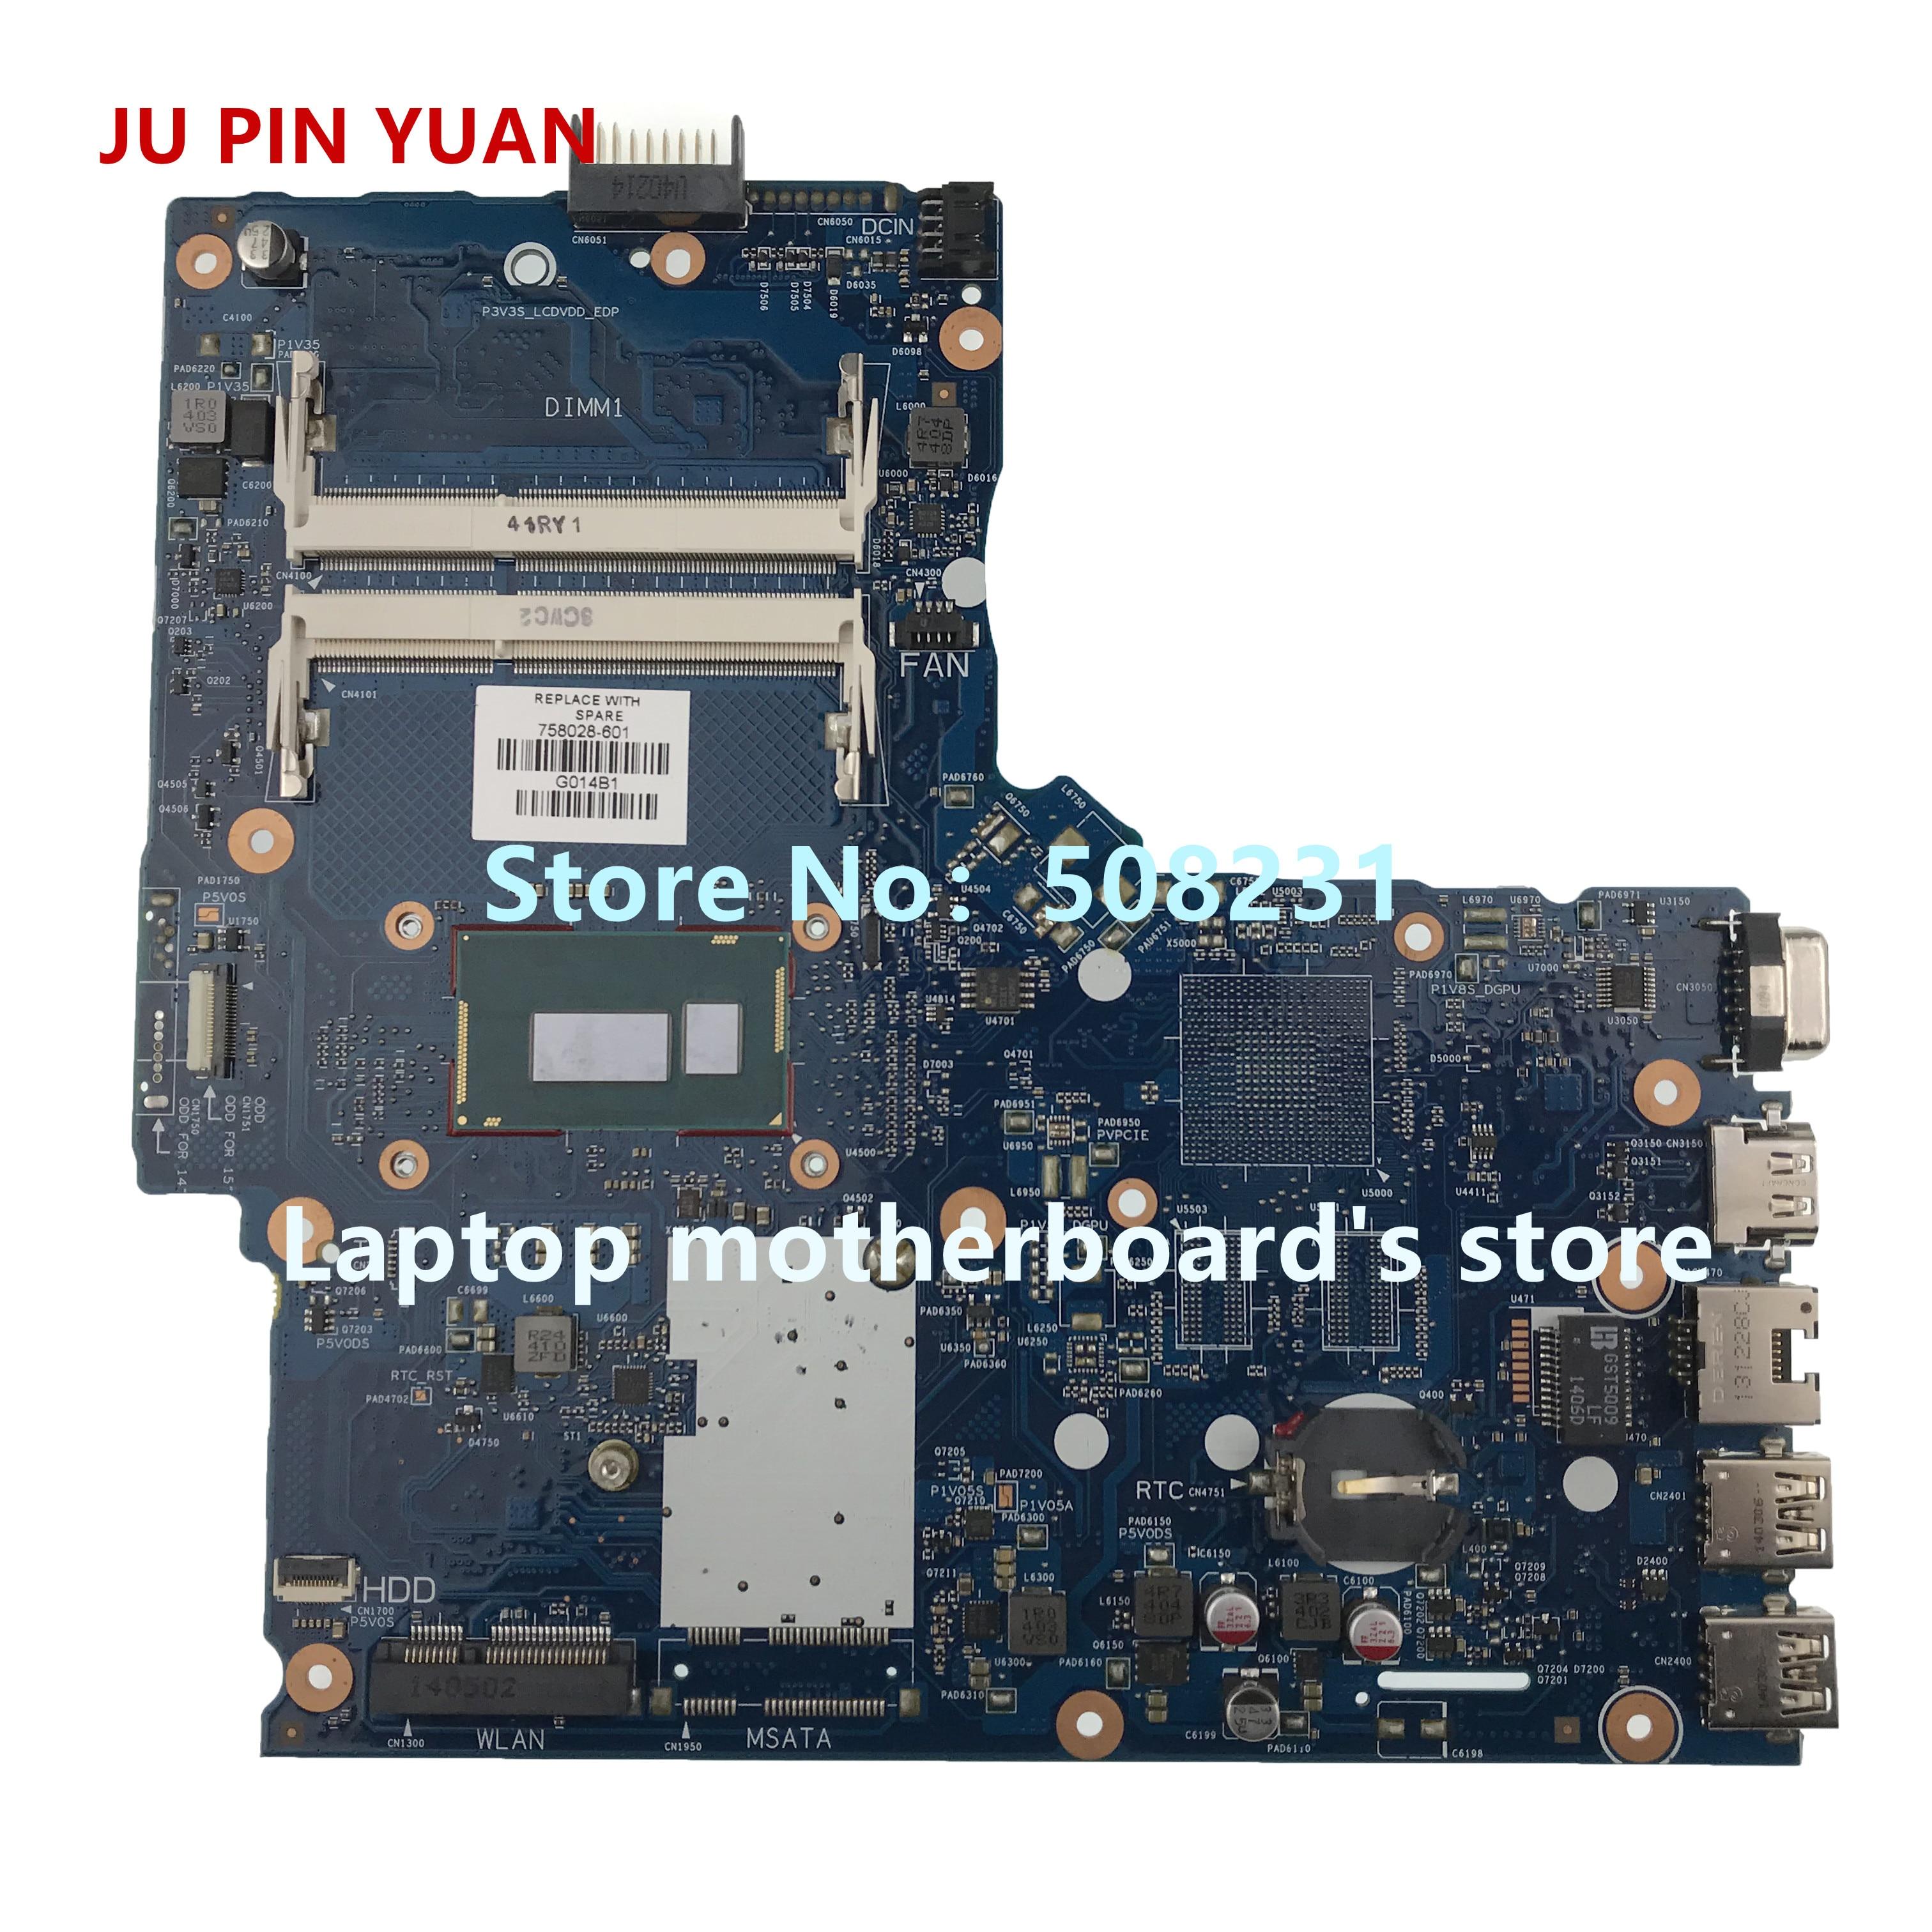 JU PIN YUAN – carte mère pour HP 758028 série G1, entièrement testée, 758028, 501 – 001, 758028-601, 350-i3-4005